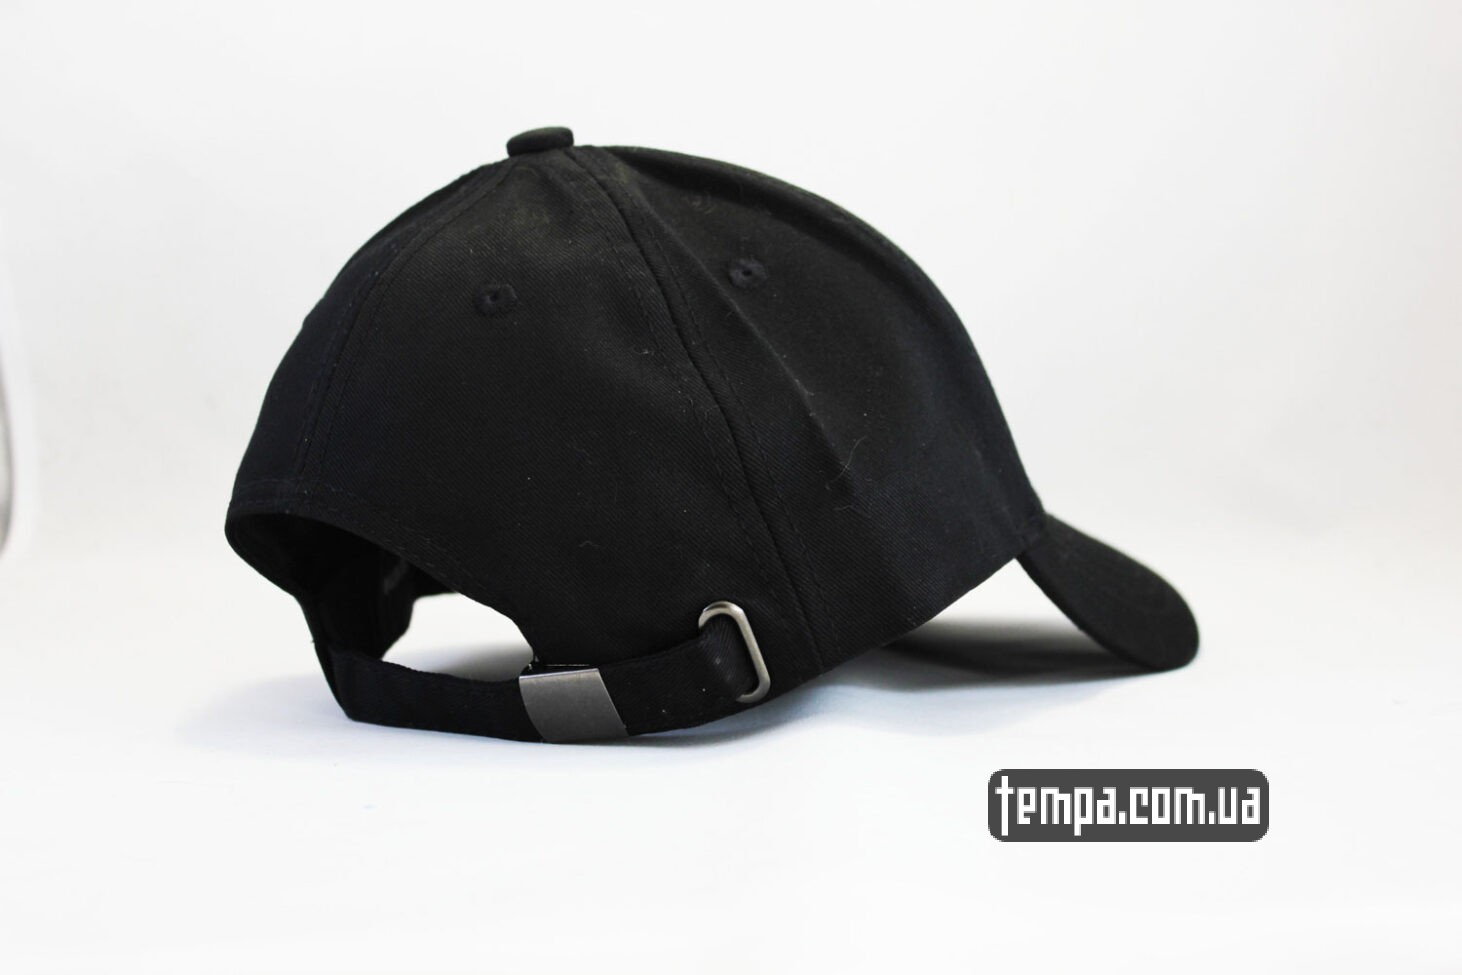 купить кепка snapback Supreme Black черная бейсболка